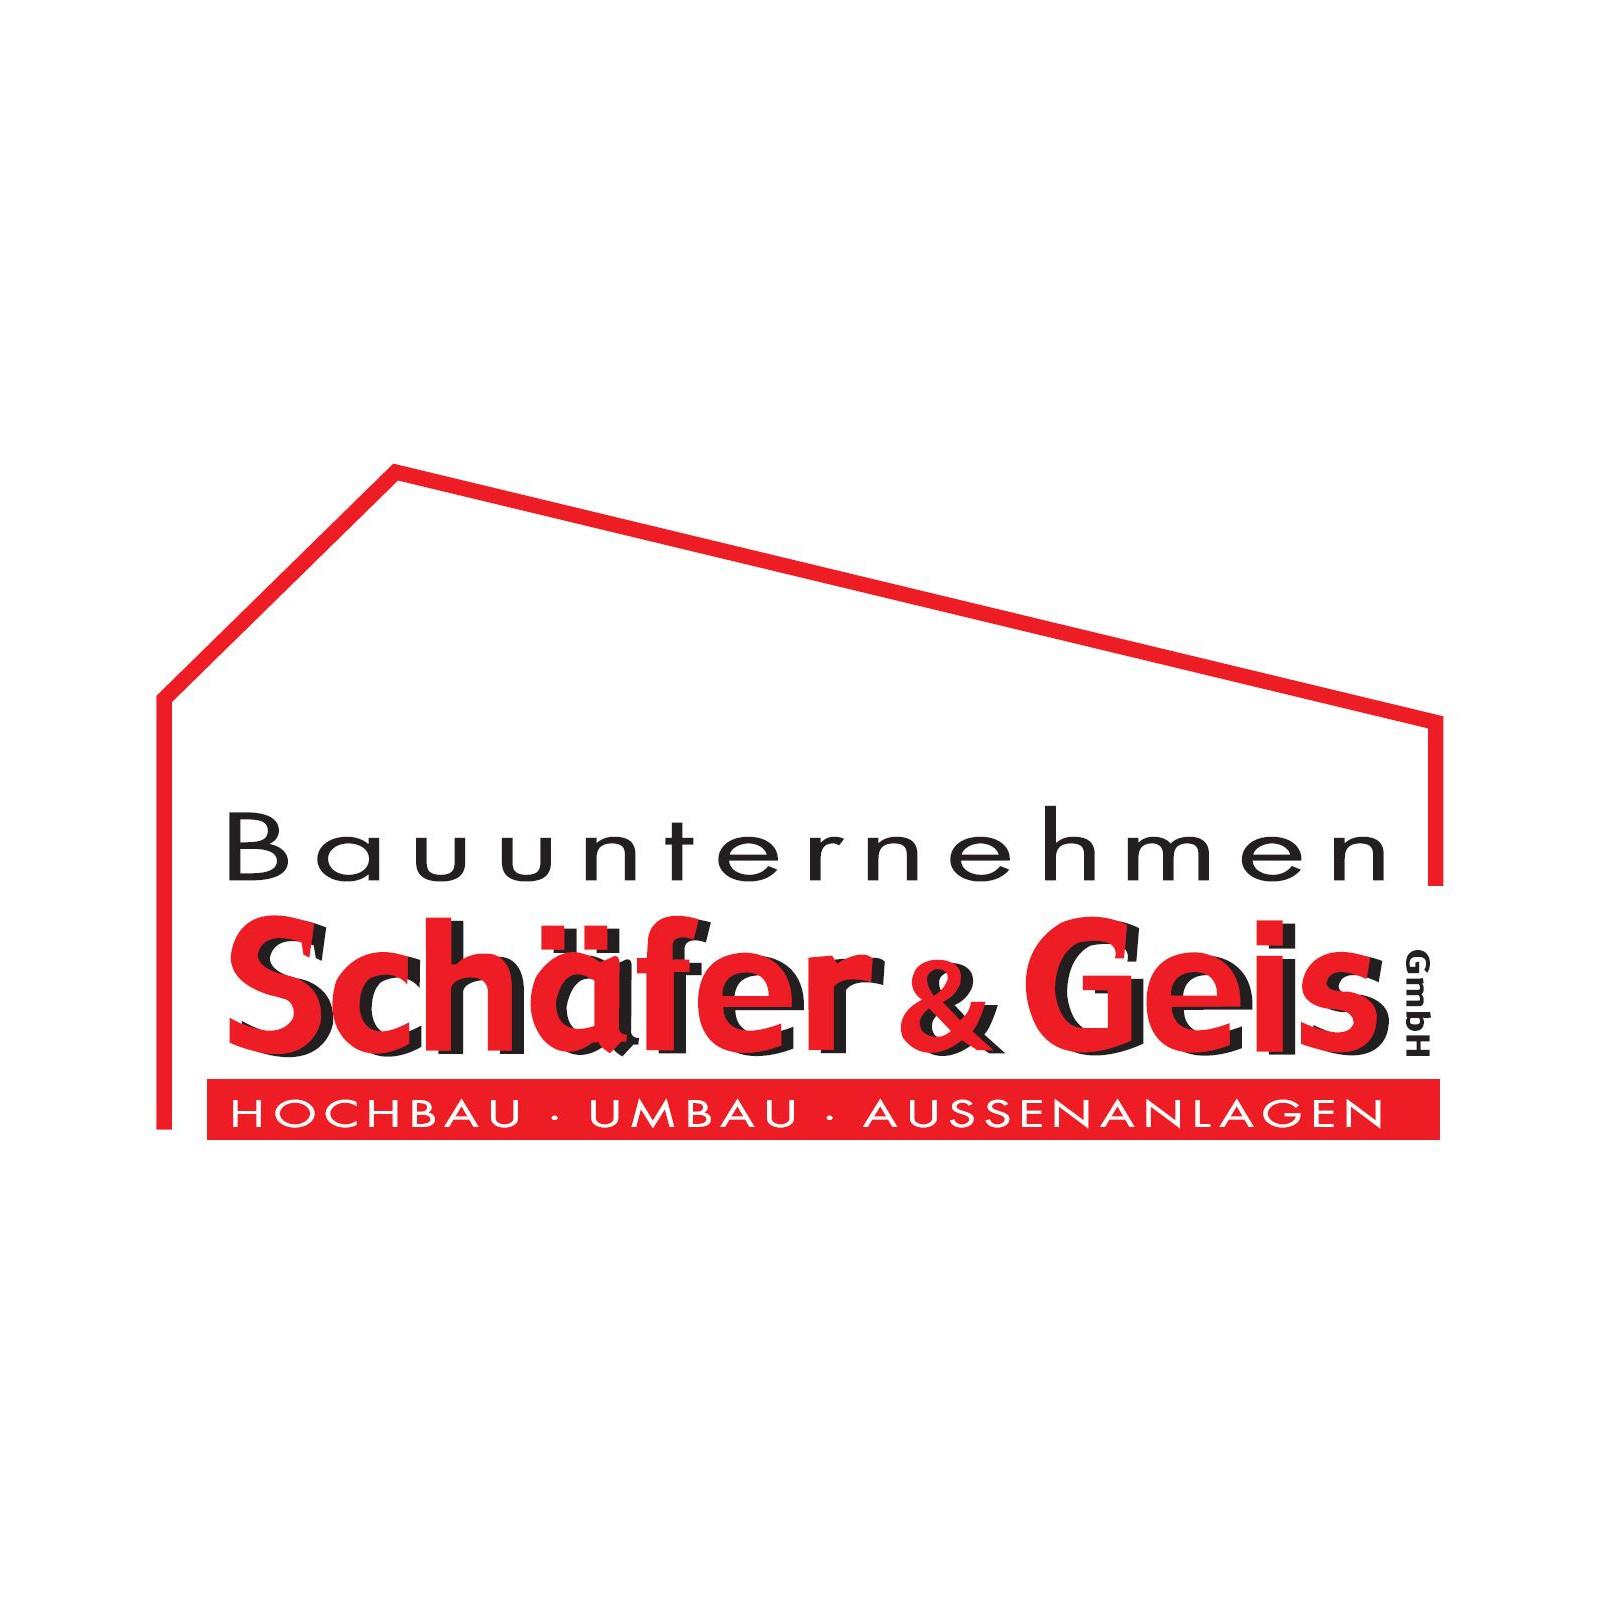 Bauunternehmen Schäfer & Geis GmbH